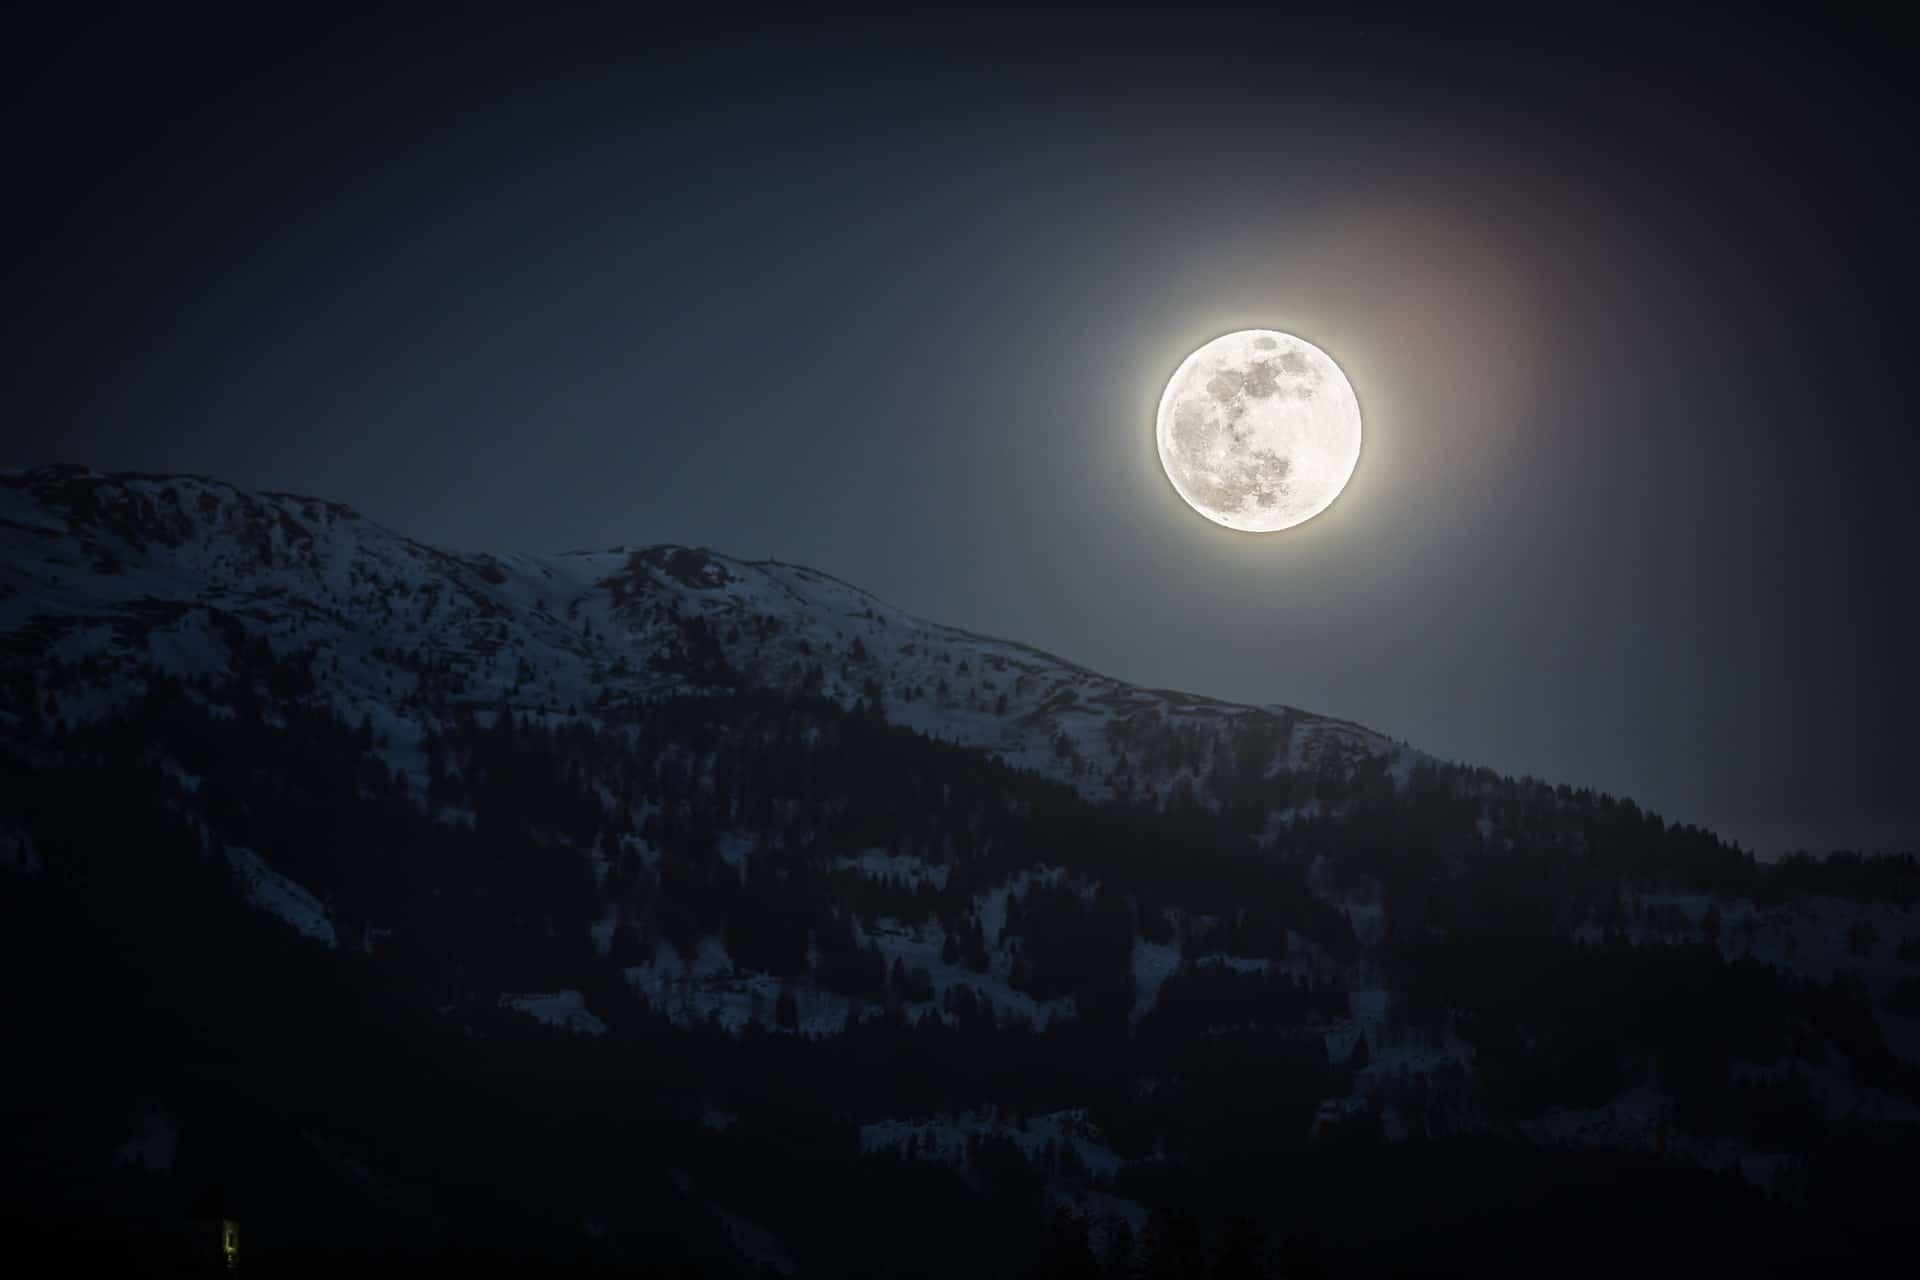 Do solar panels work on moonlight